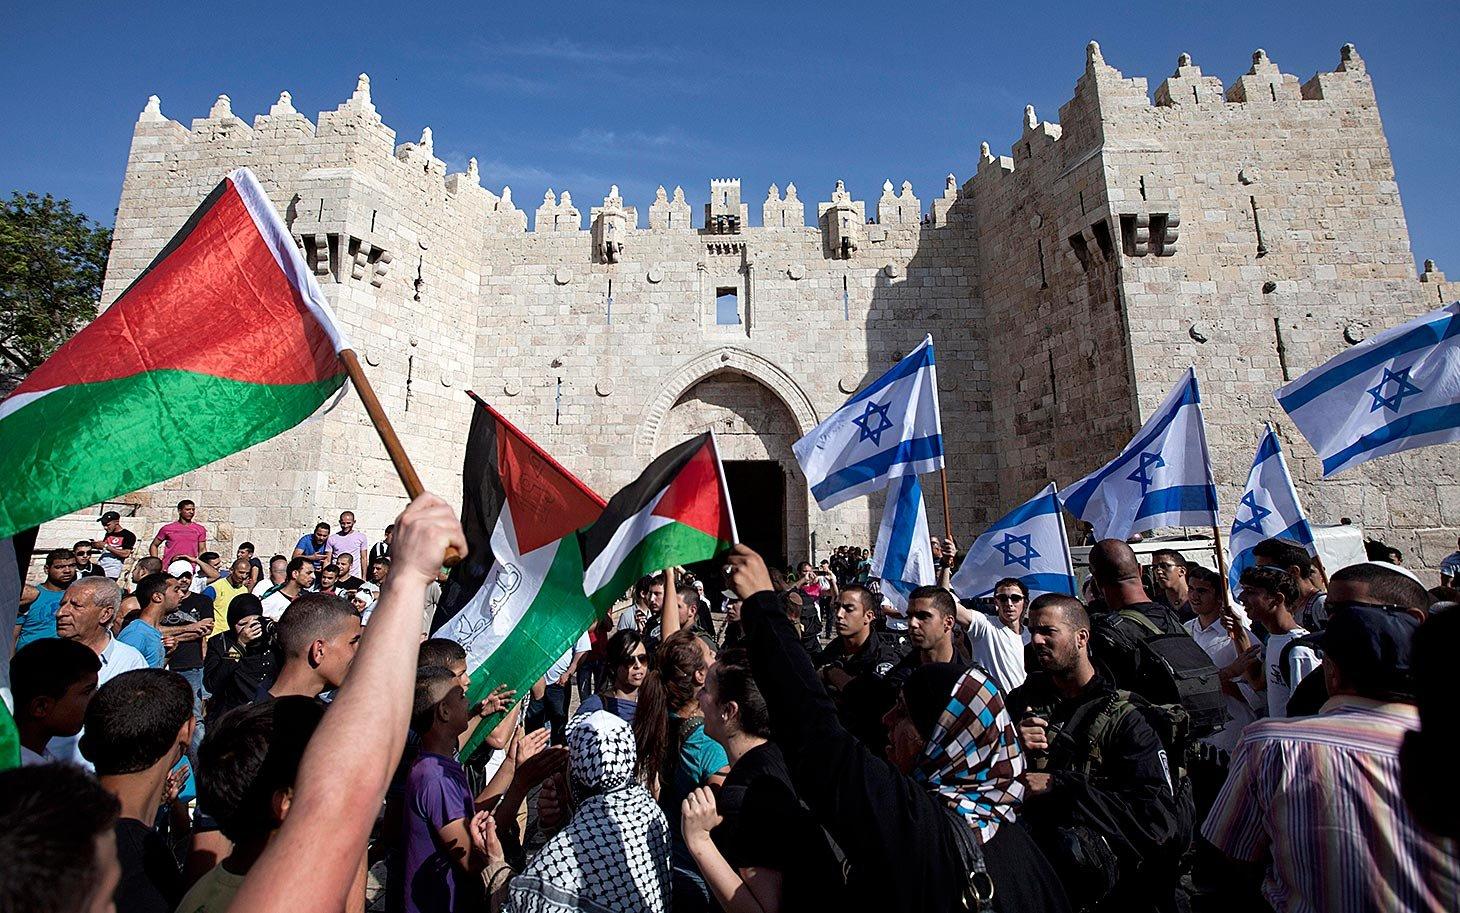 Начались столкновения между палестинцами иизраильтянами наЗападном берегу Иордана